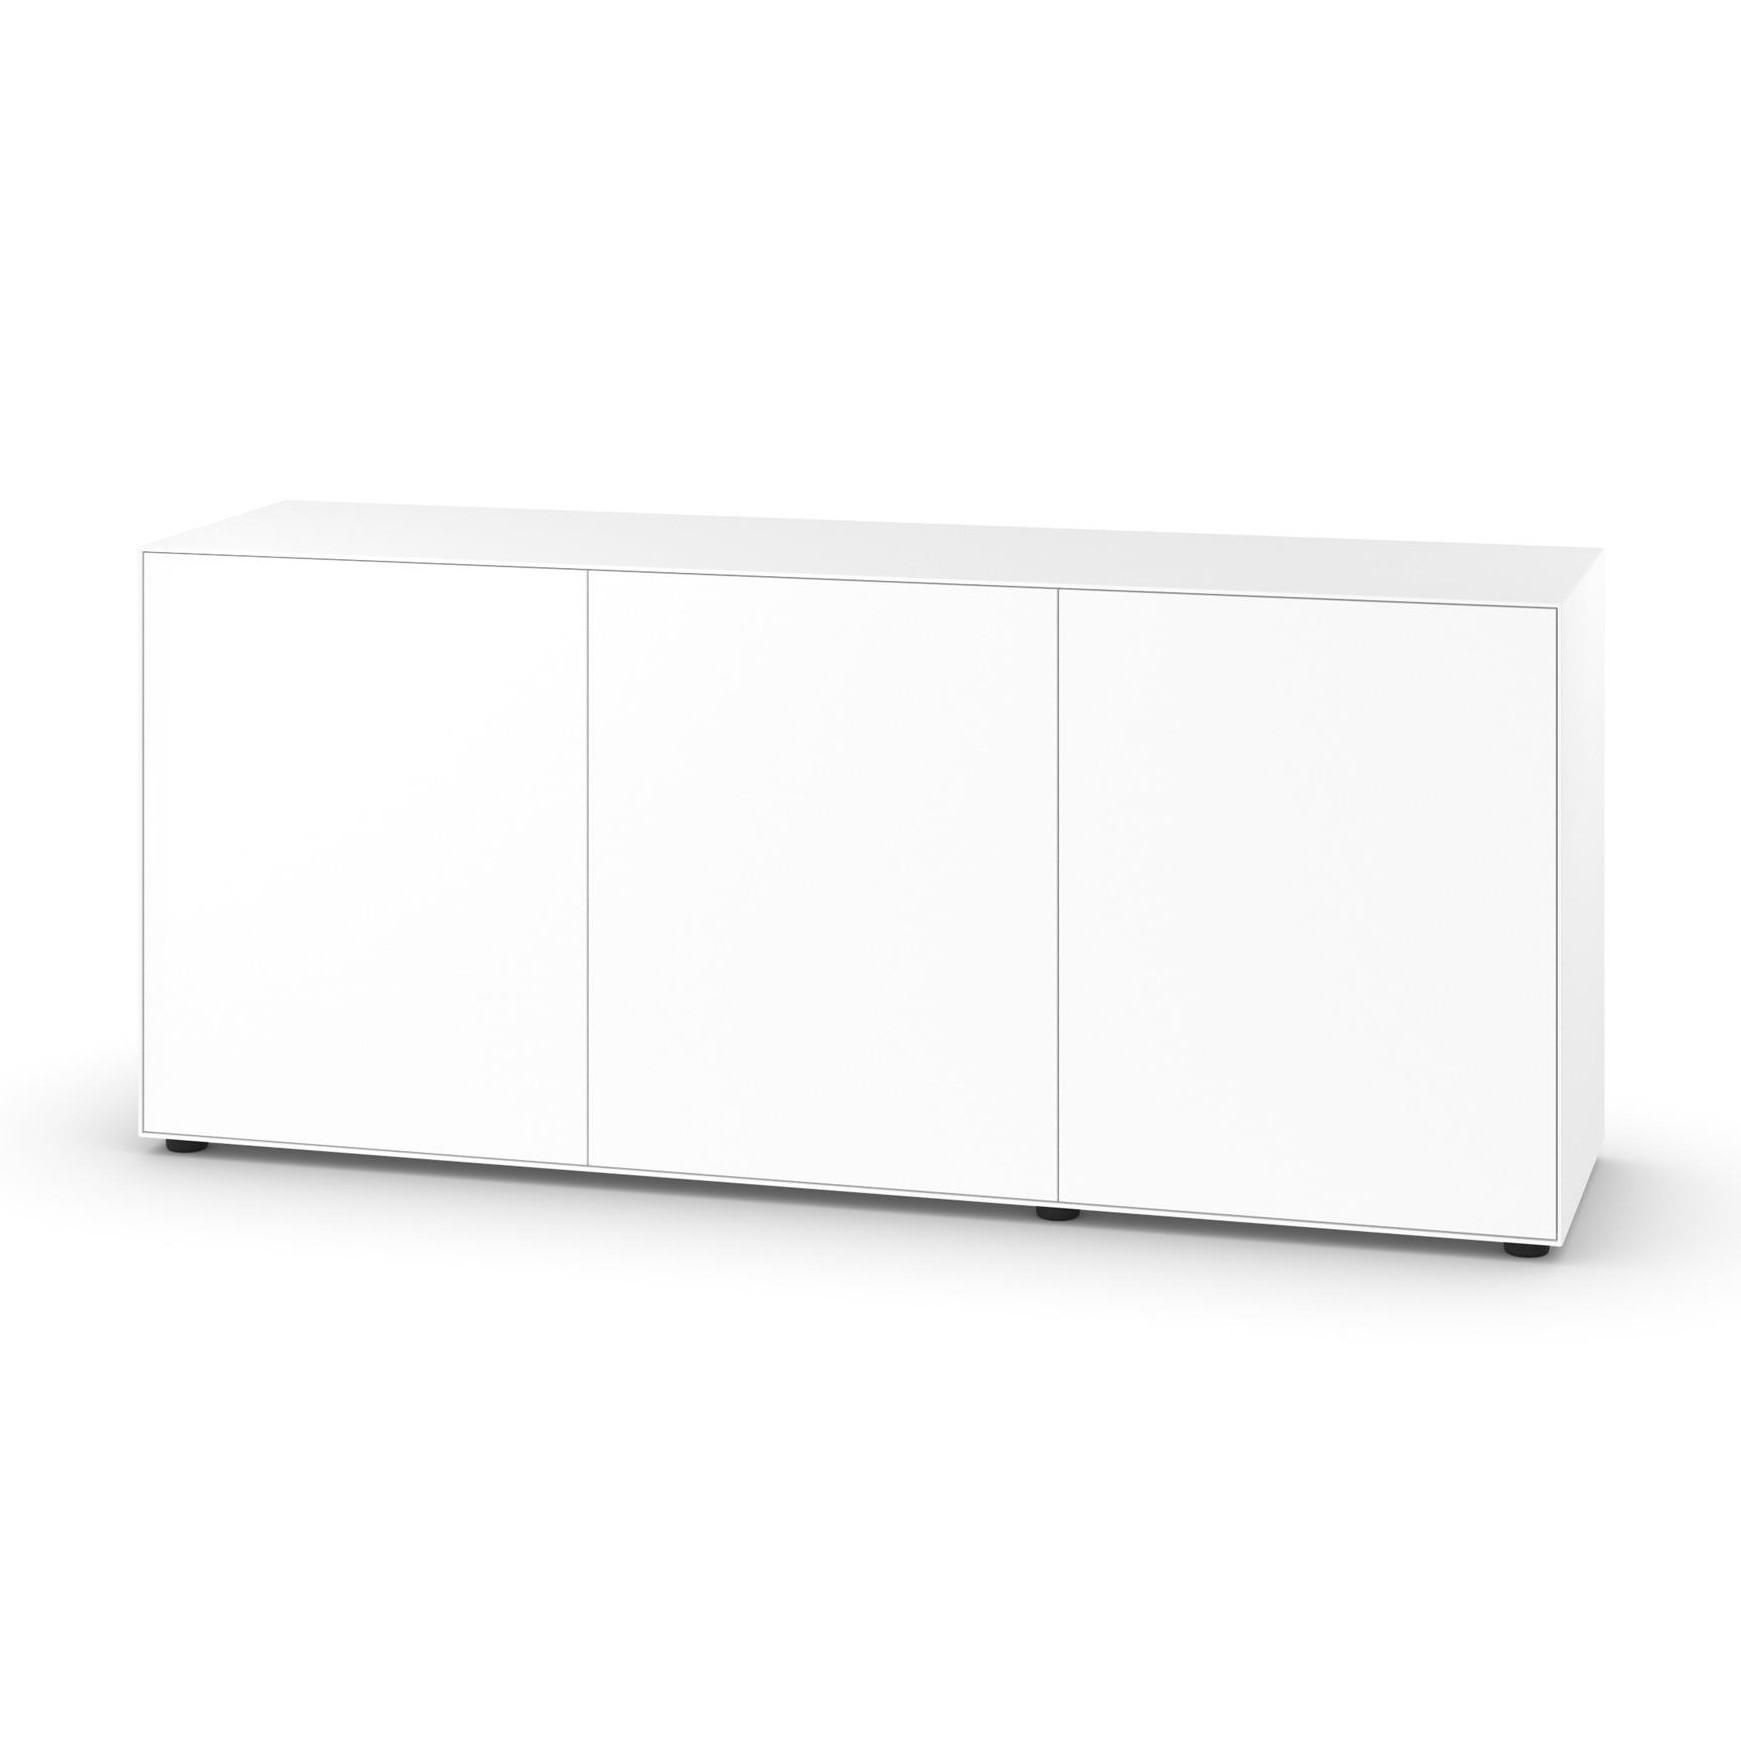 Piure Nex Pur Box Door 180x77 5x48cm Ambientedirect